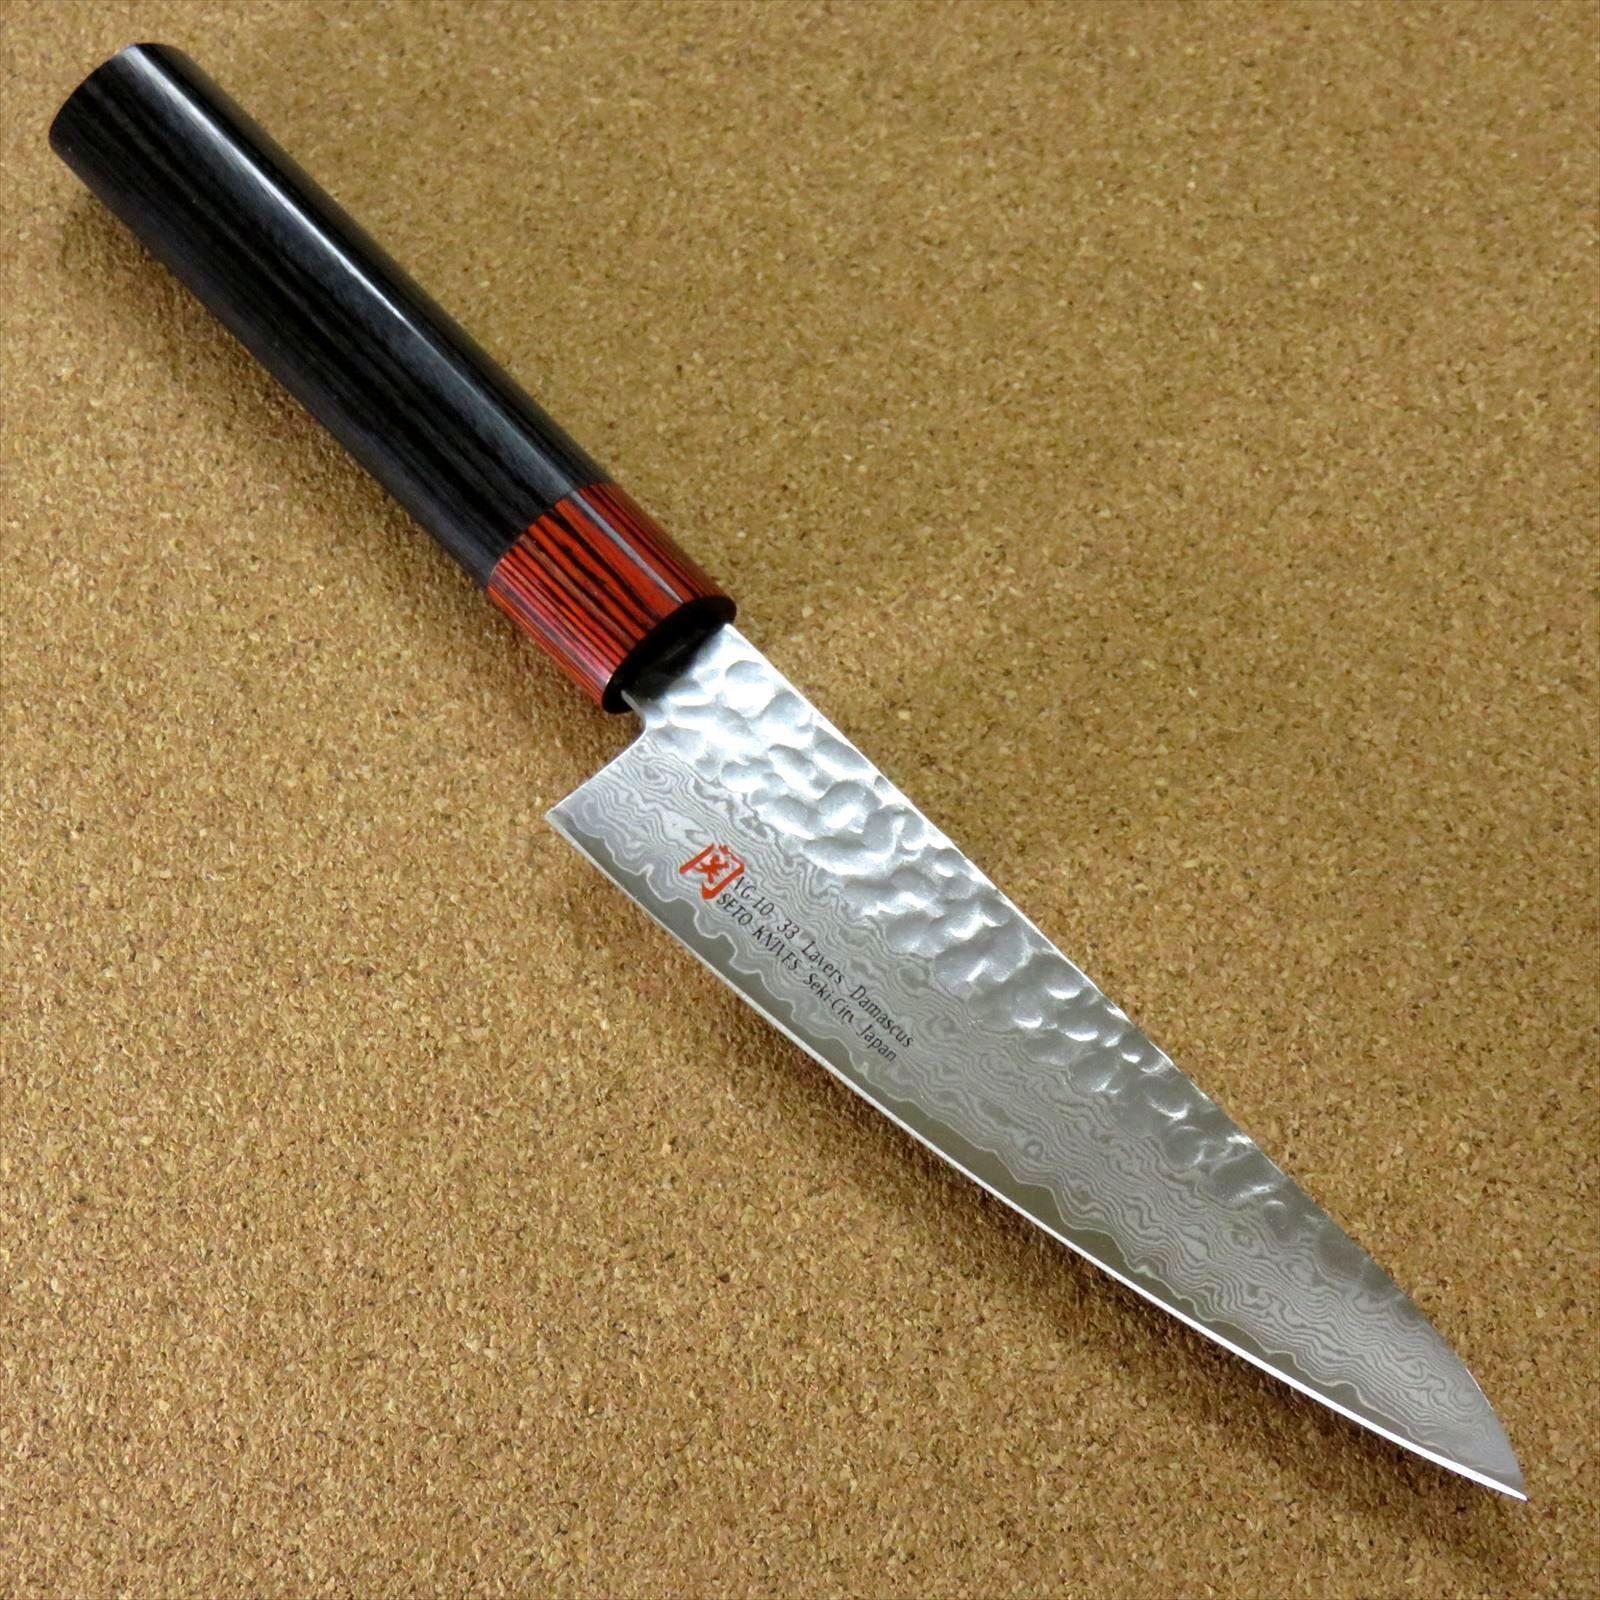 Japonais Seto ISEYA-I Cuisine Petit Santoku Couteau 5.3  Damas martelé Japon